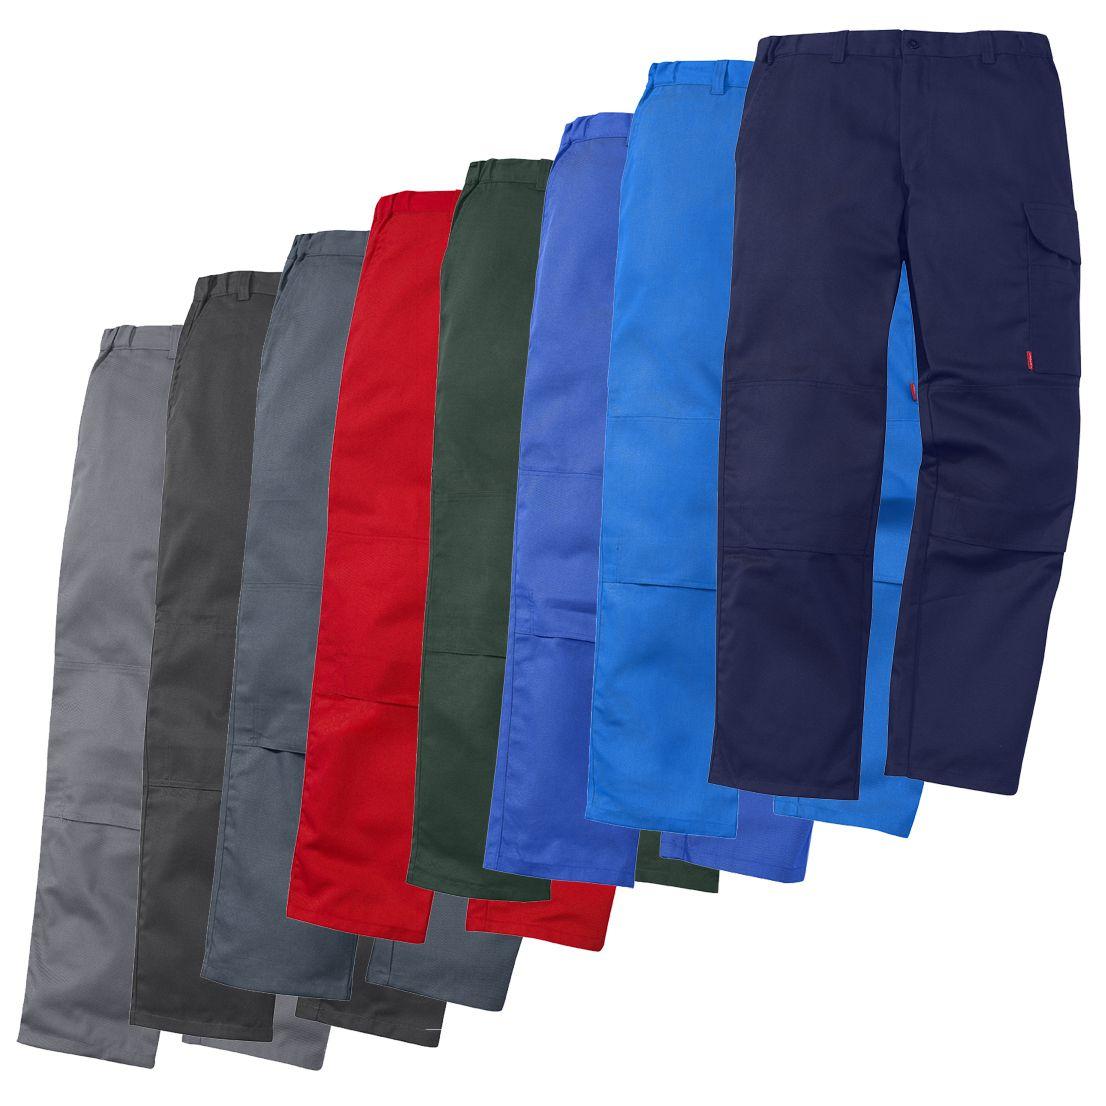 Pantalon de travail : un vêtement qu'il est indispensable de posséder